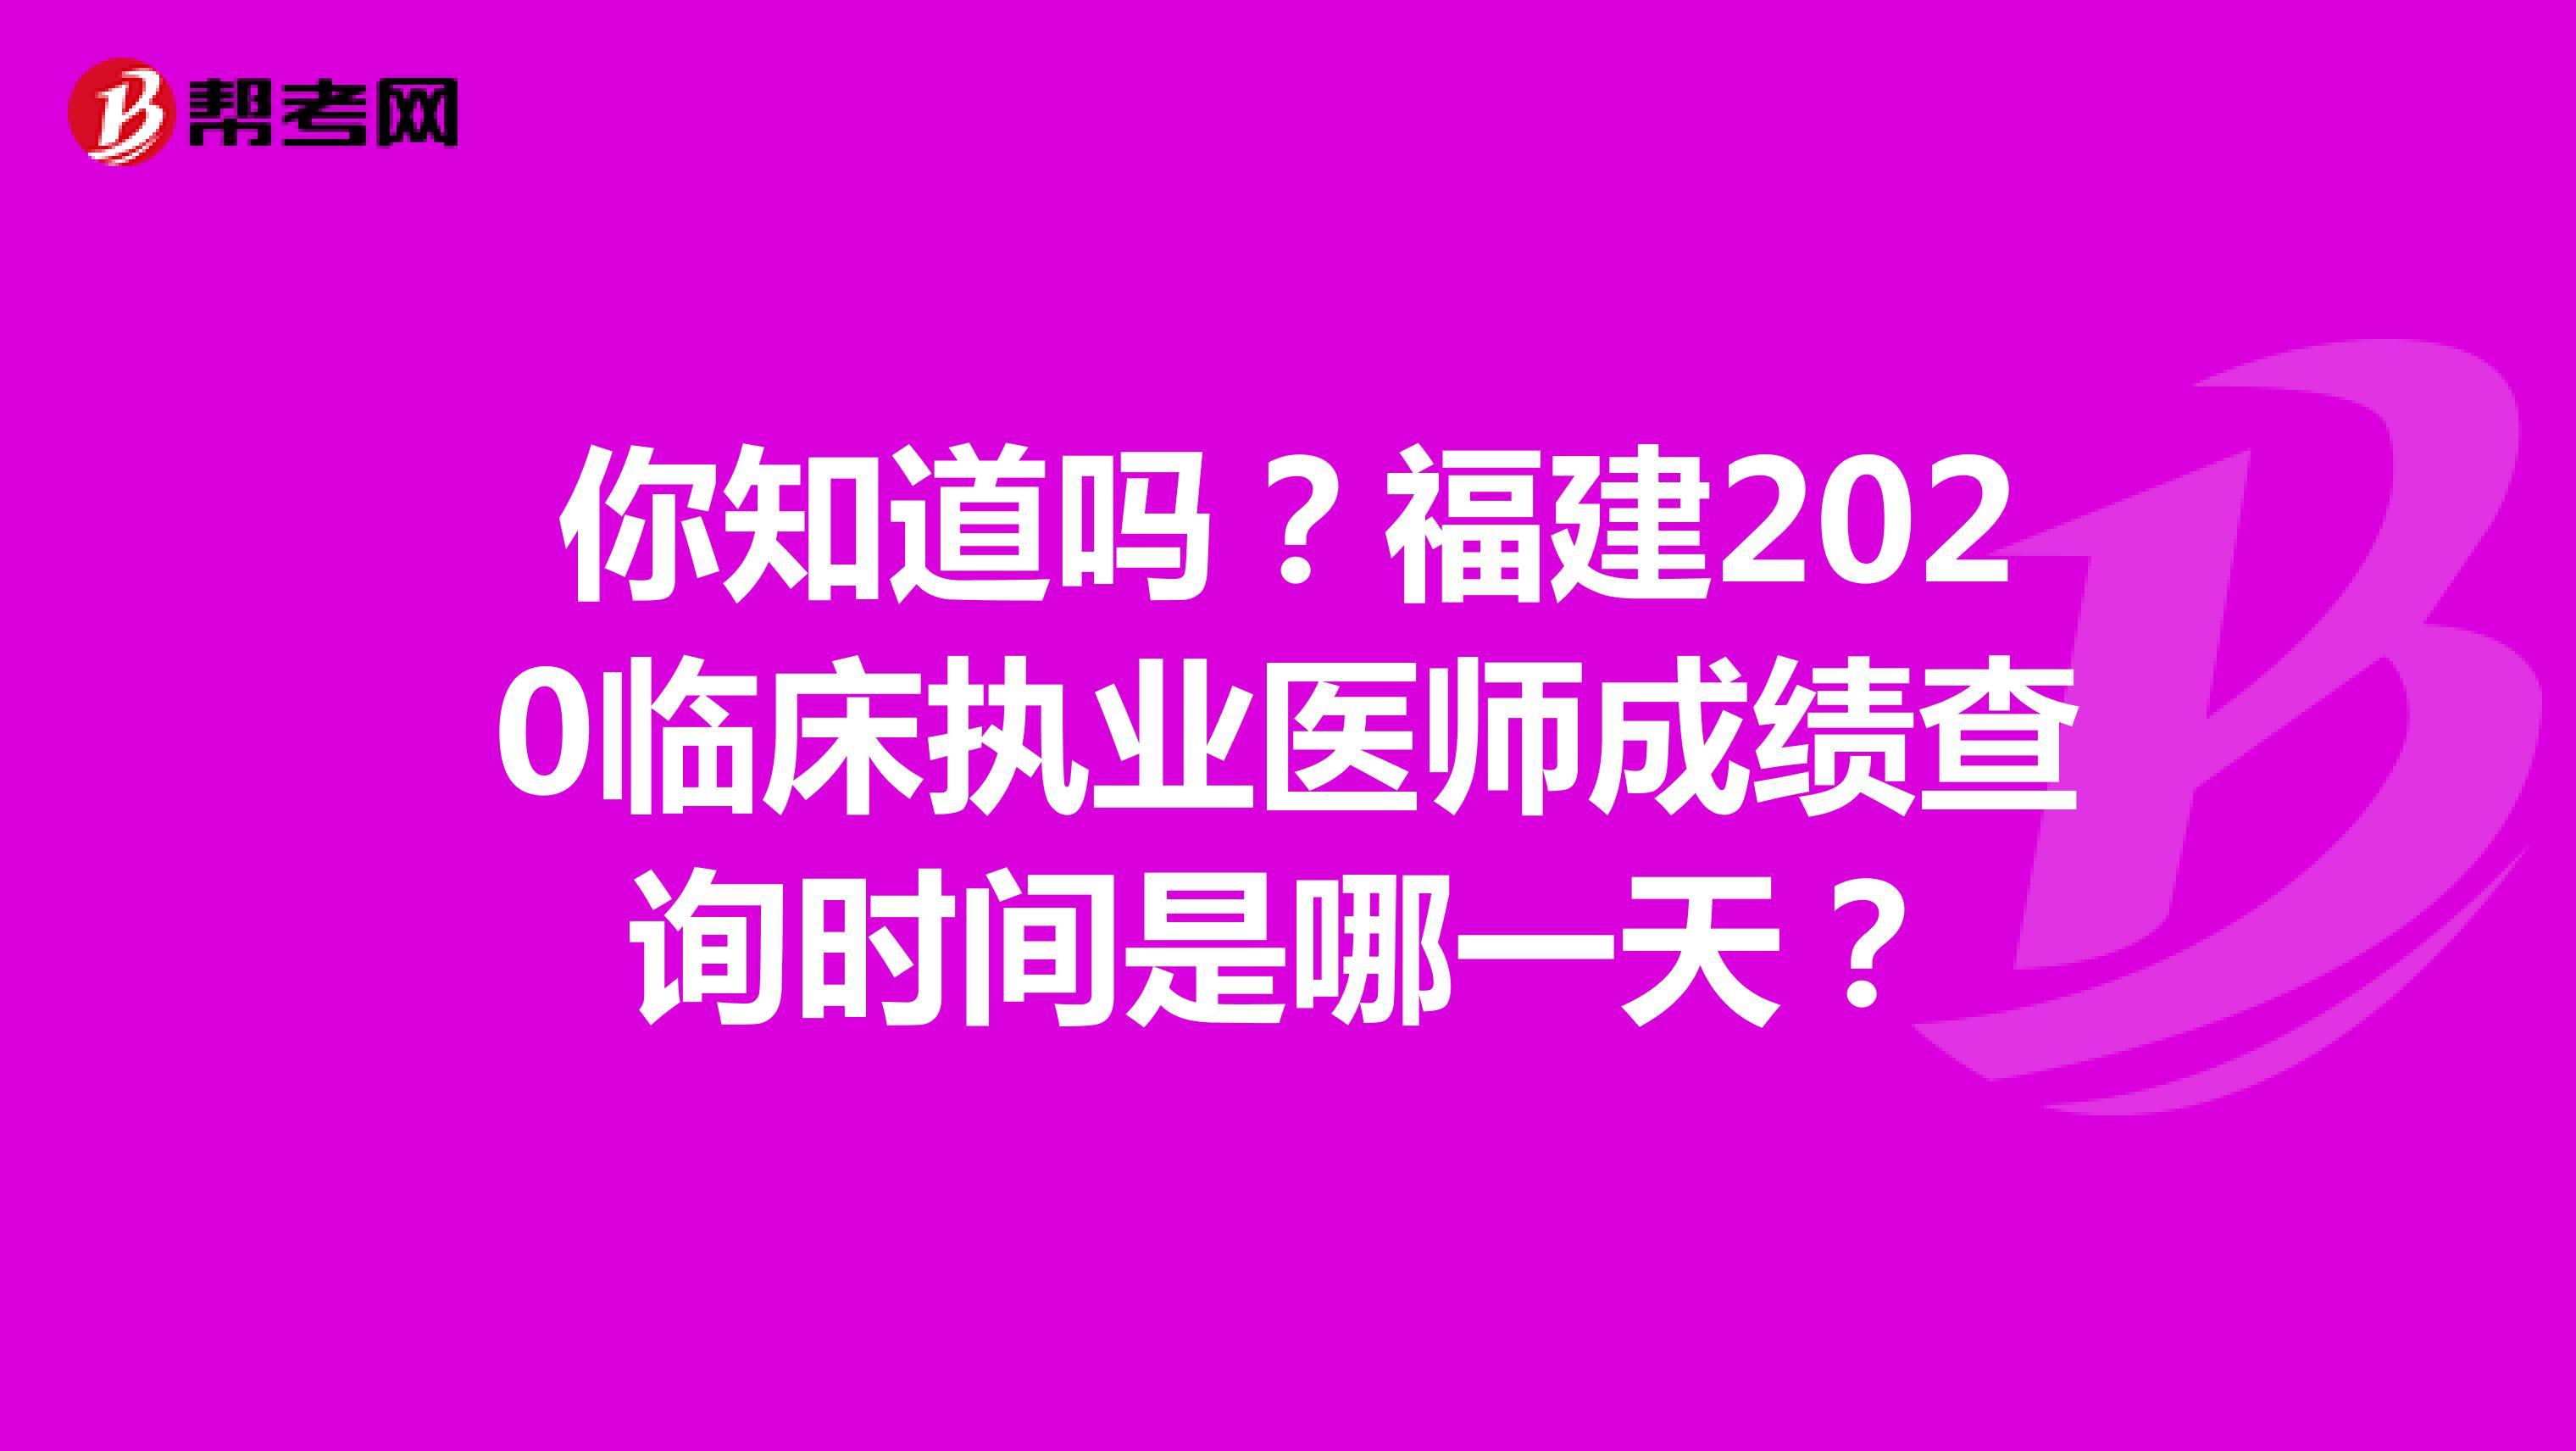 你知道吗?福建2020临床执业医师成绩查询时间是哪一天?